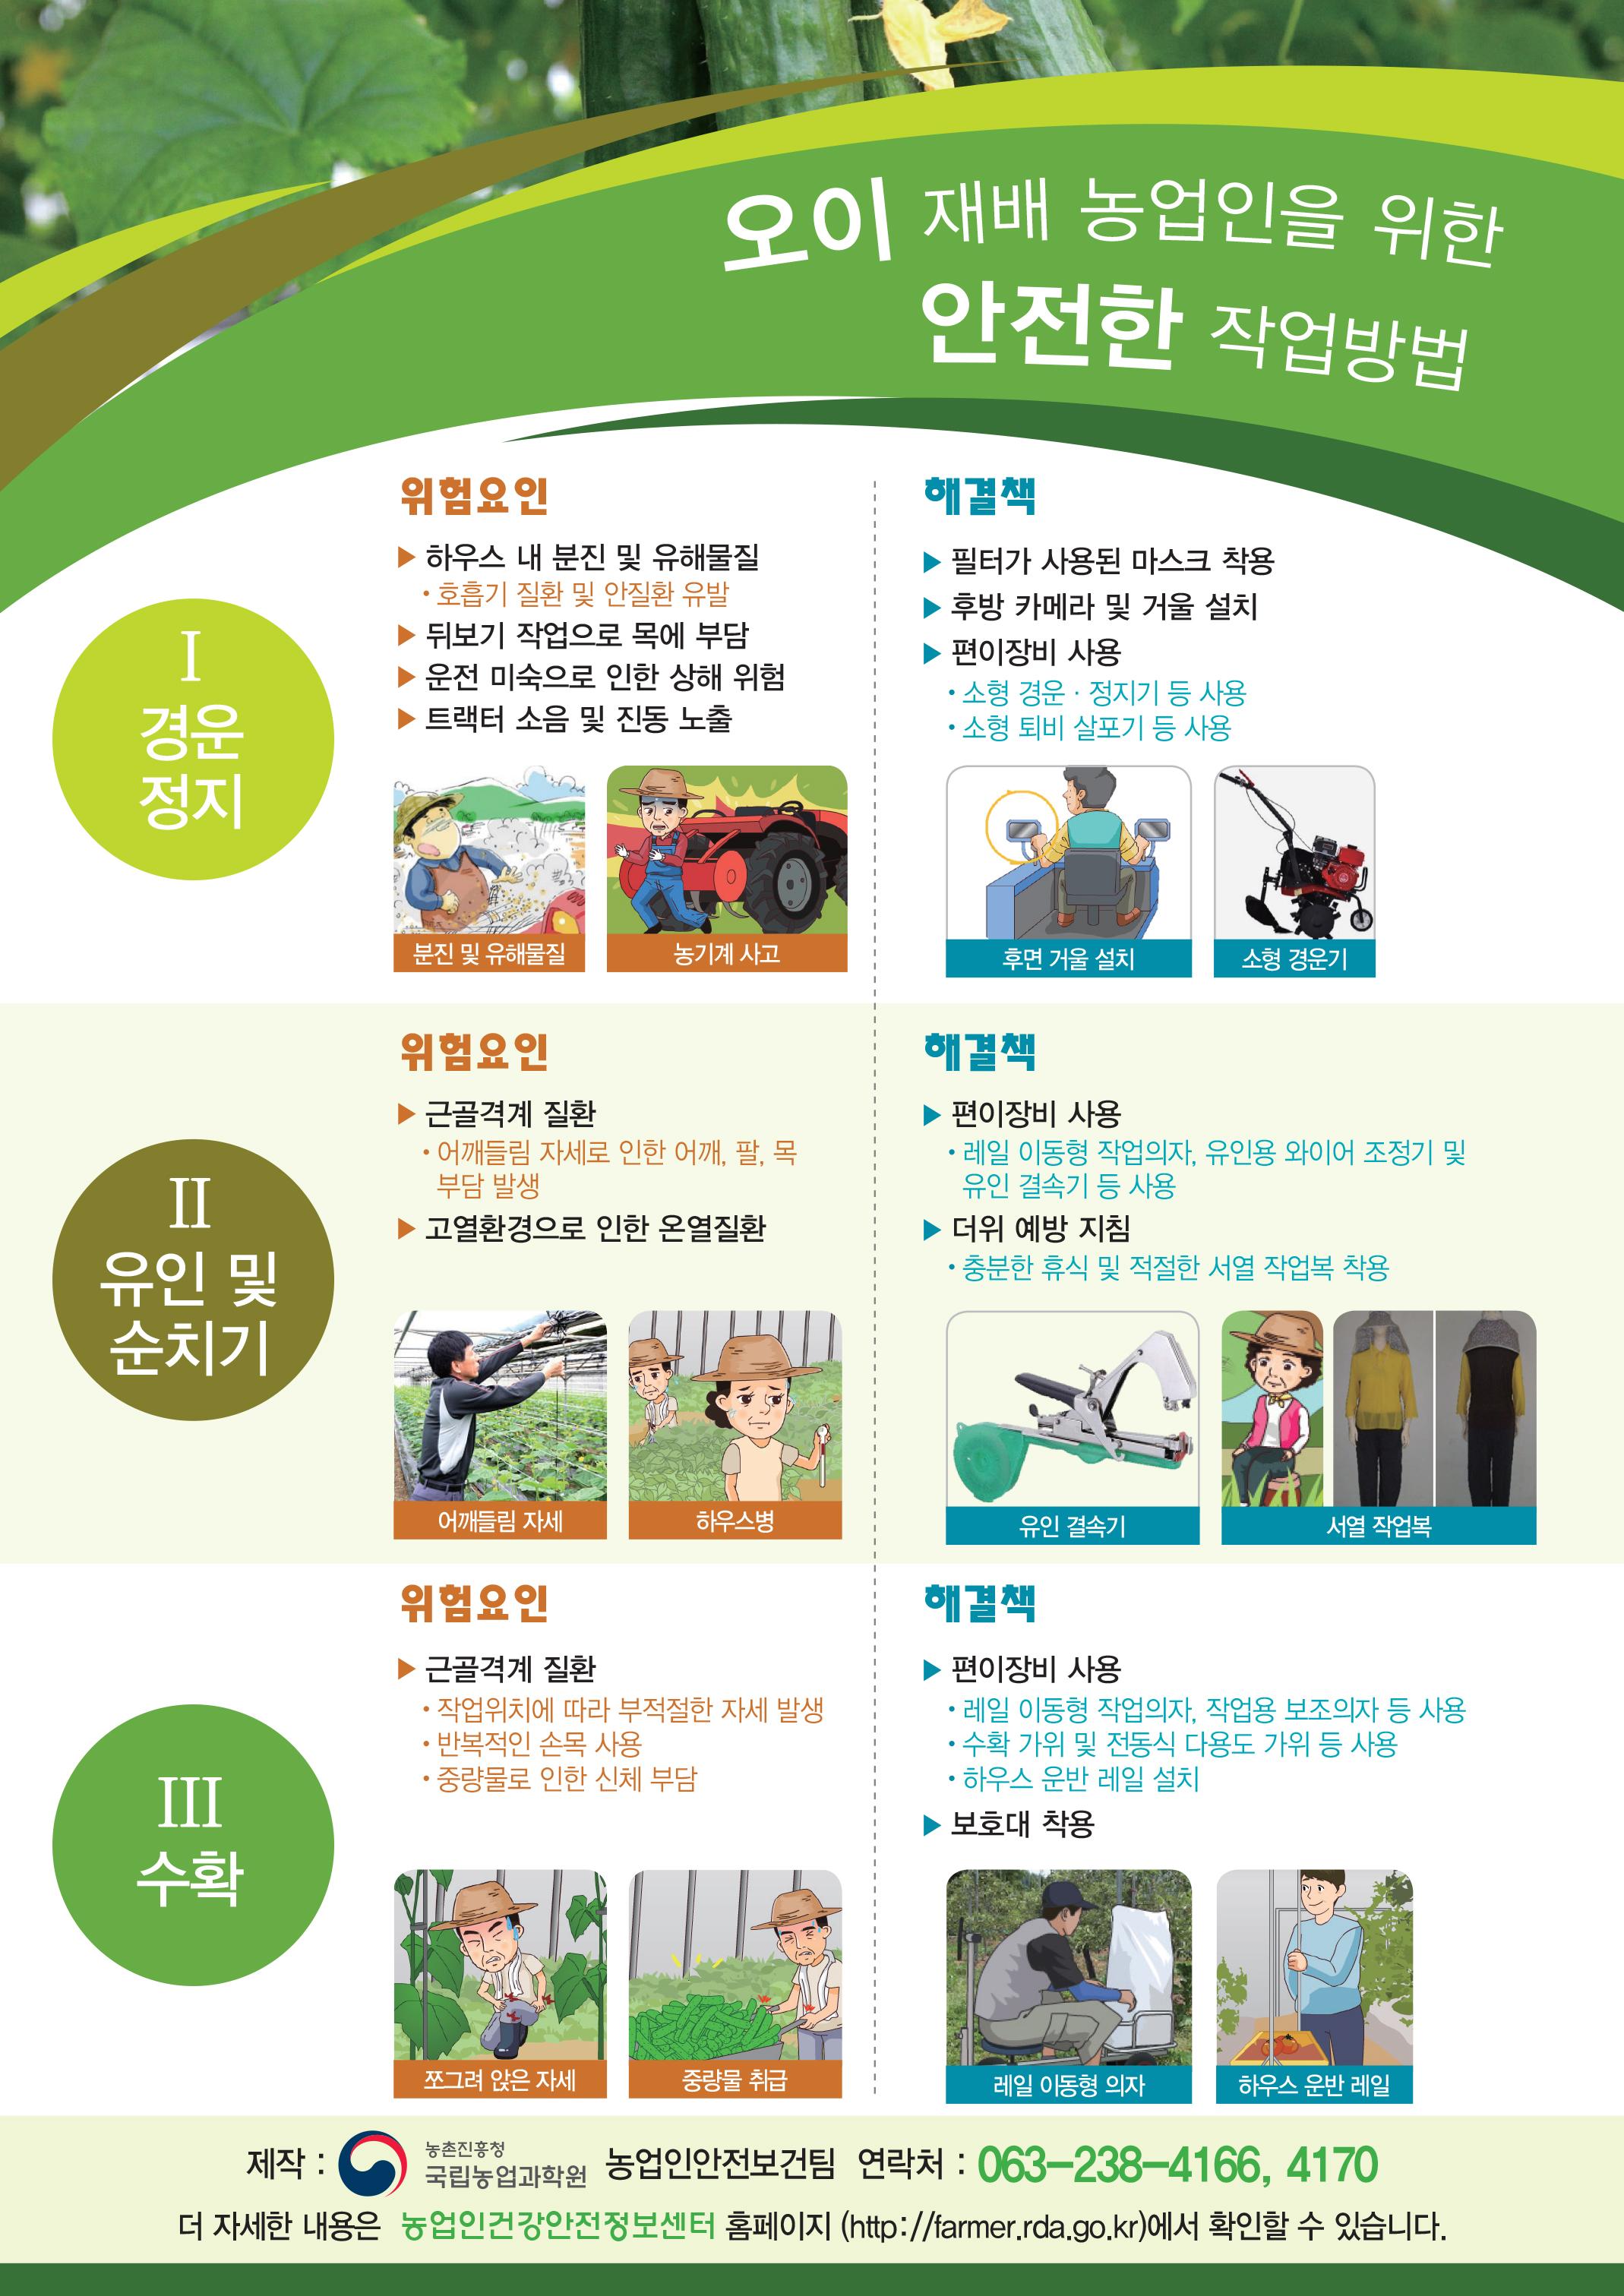 오이 재배 농업인을 위한 안전한 작업방법 포스터입니다.